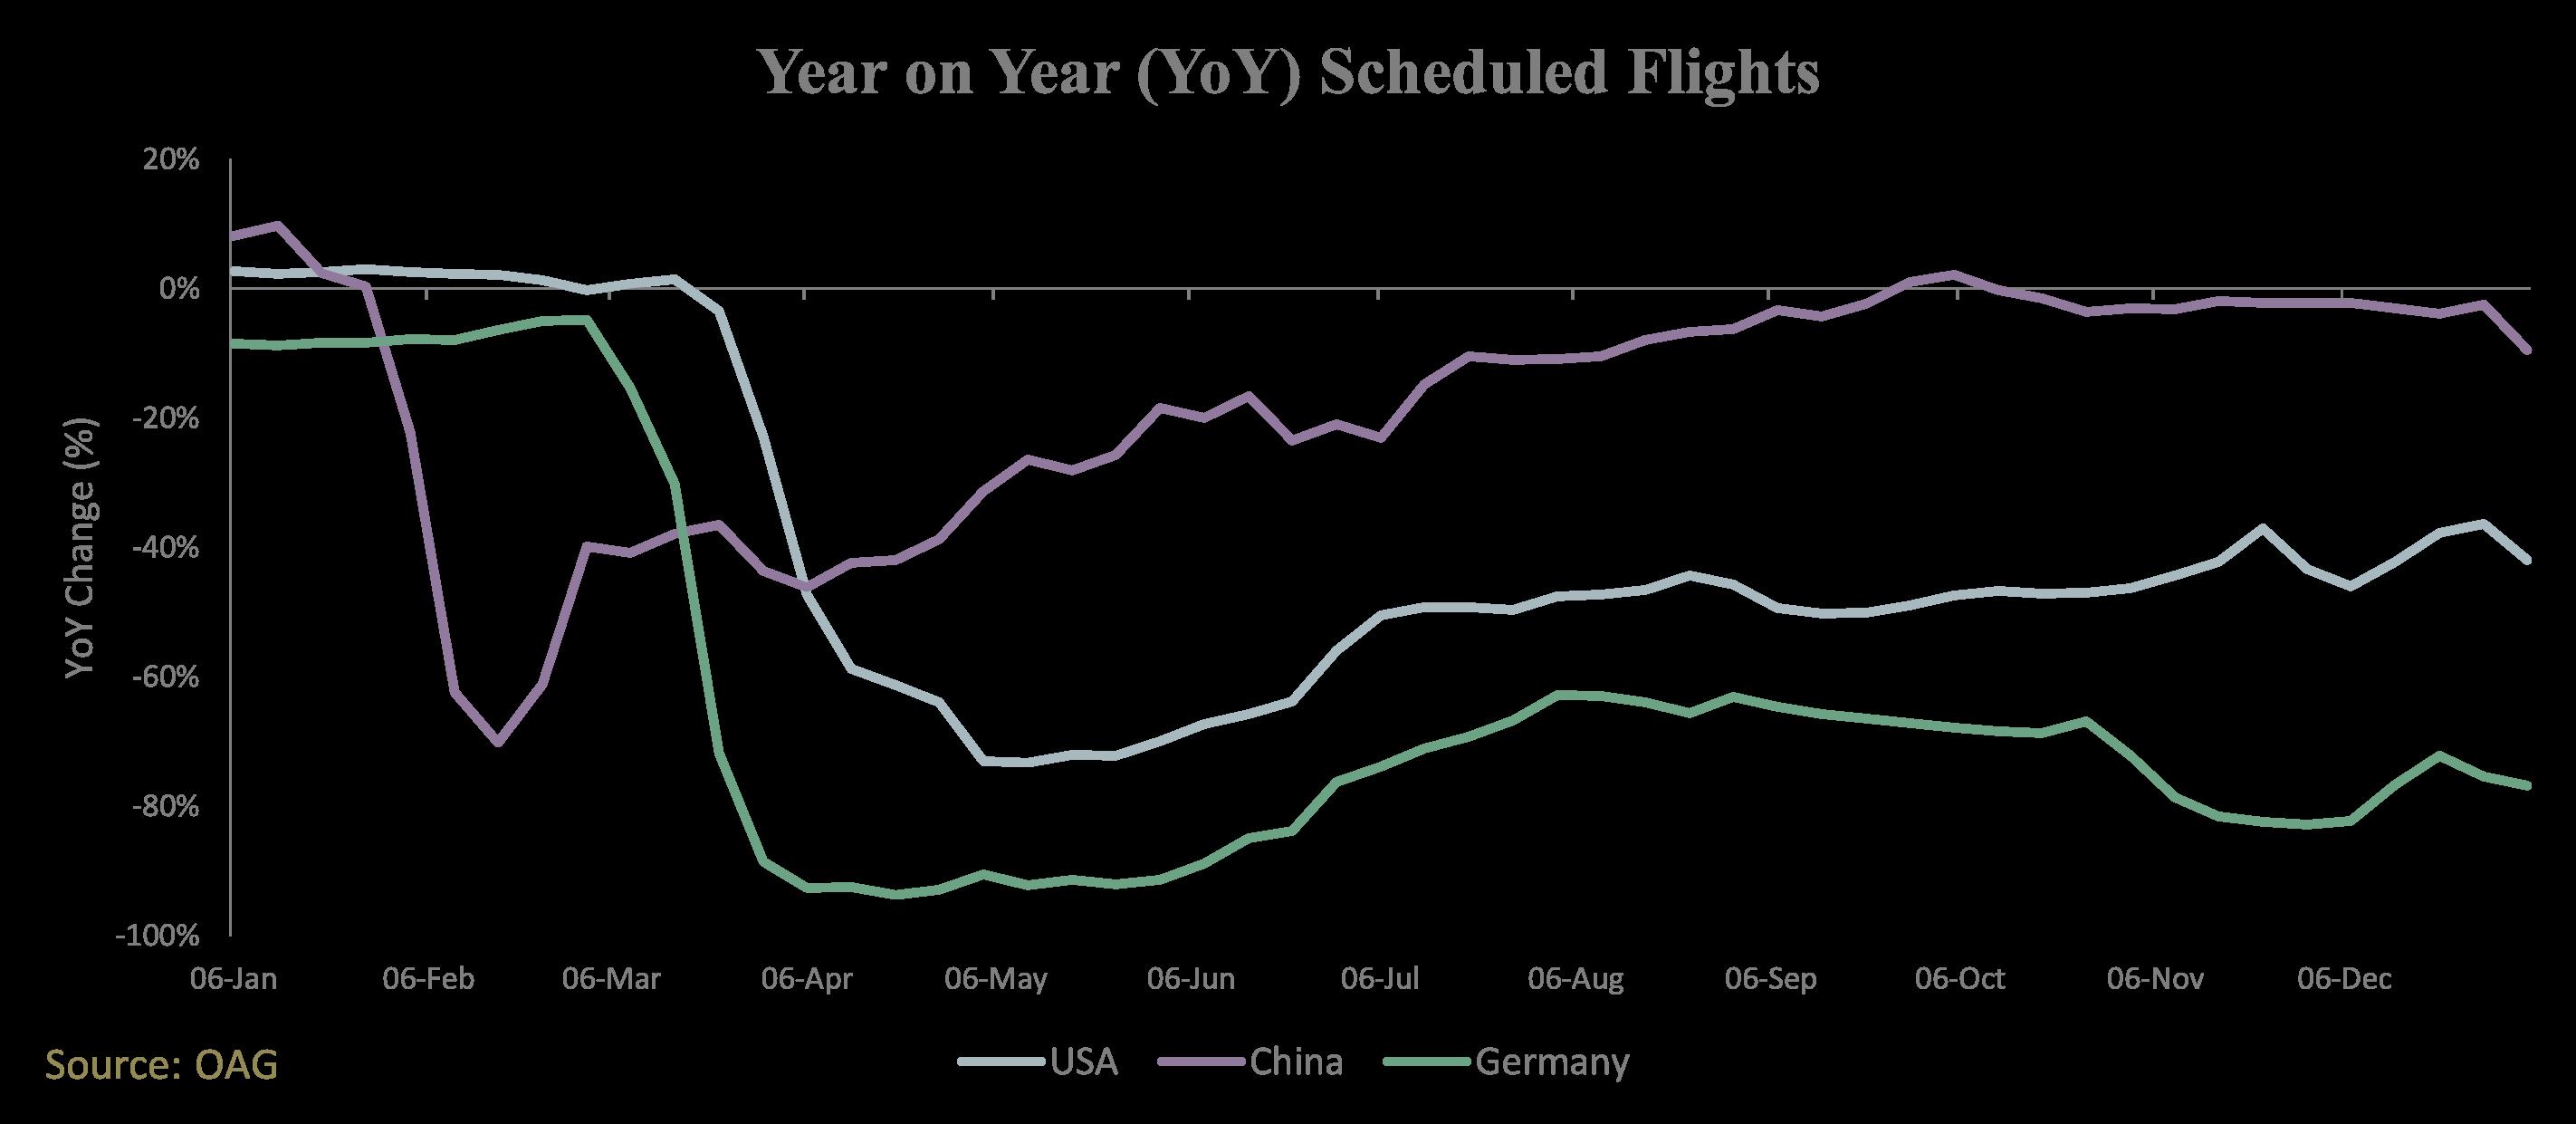 Year-on-year scheduled flights